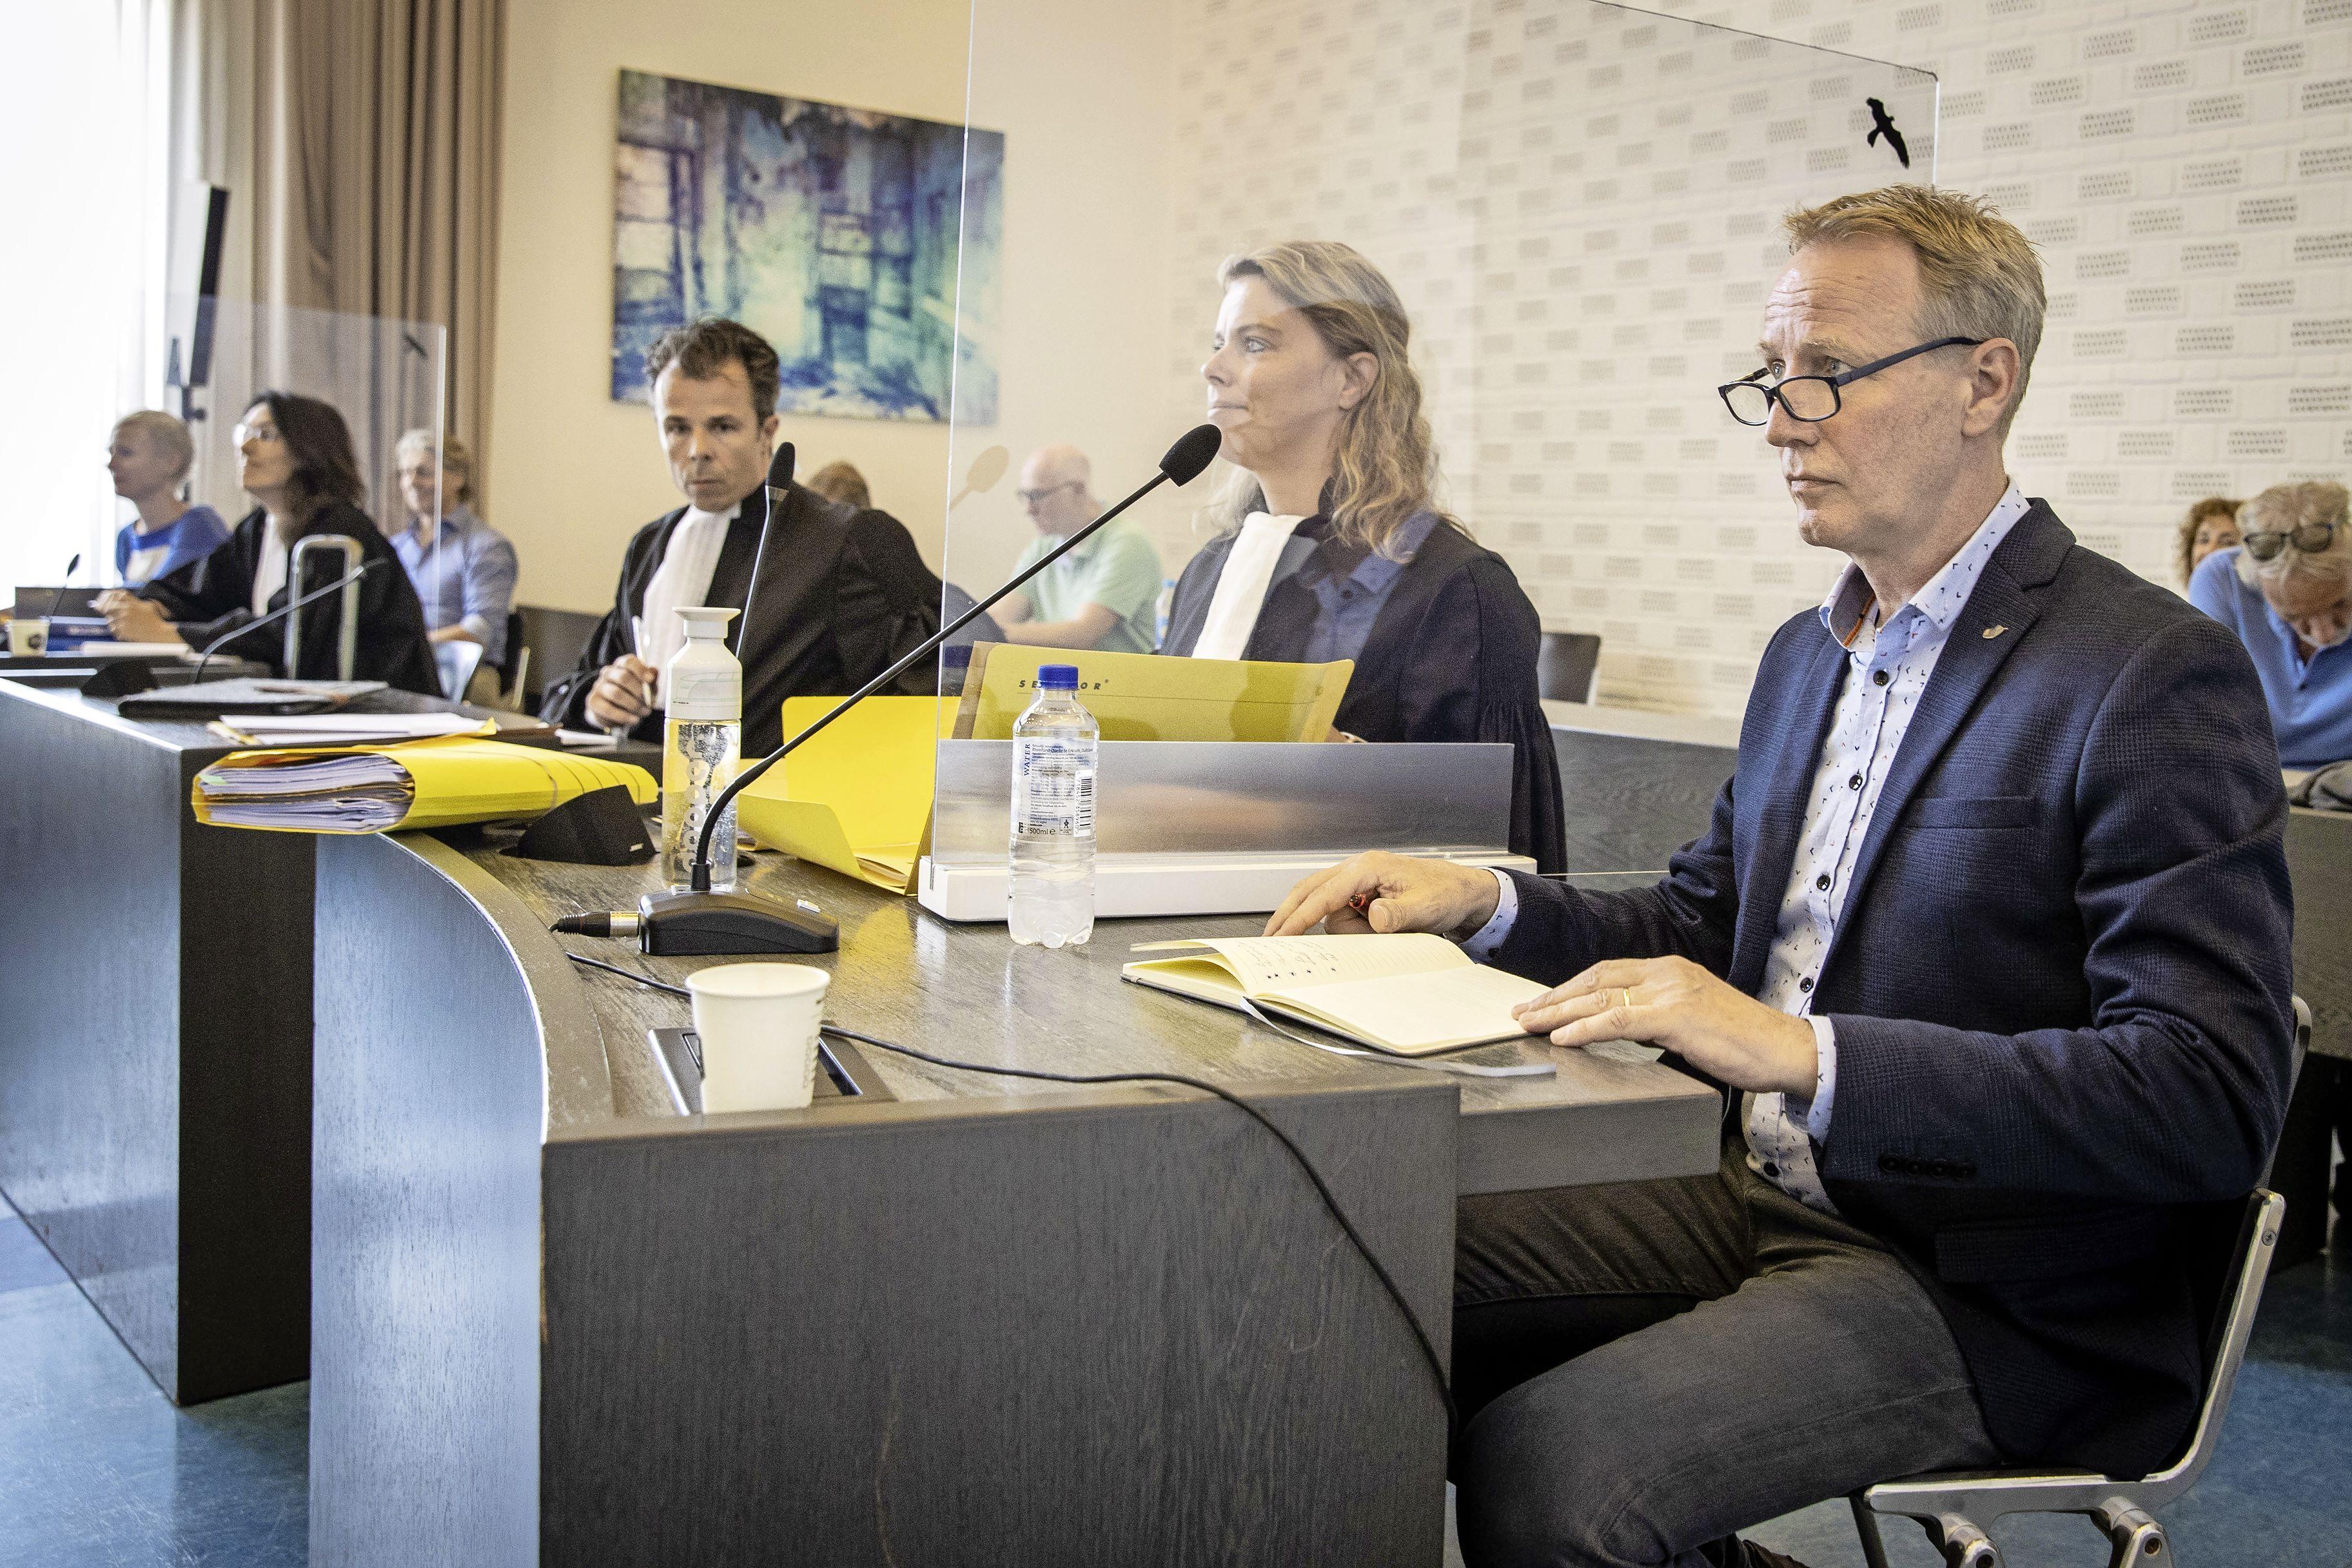 Turncoach Wevers niet naar de Spelen: hof stelt turnbond in het gelijk. Wevers: 'De sport en de sporters zijn de verliezers'